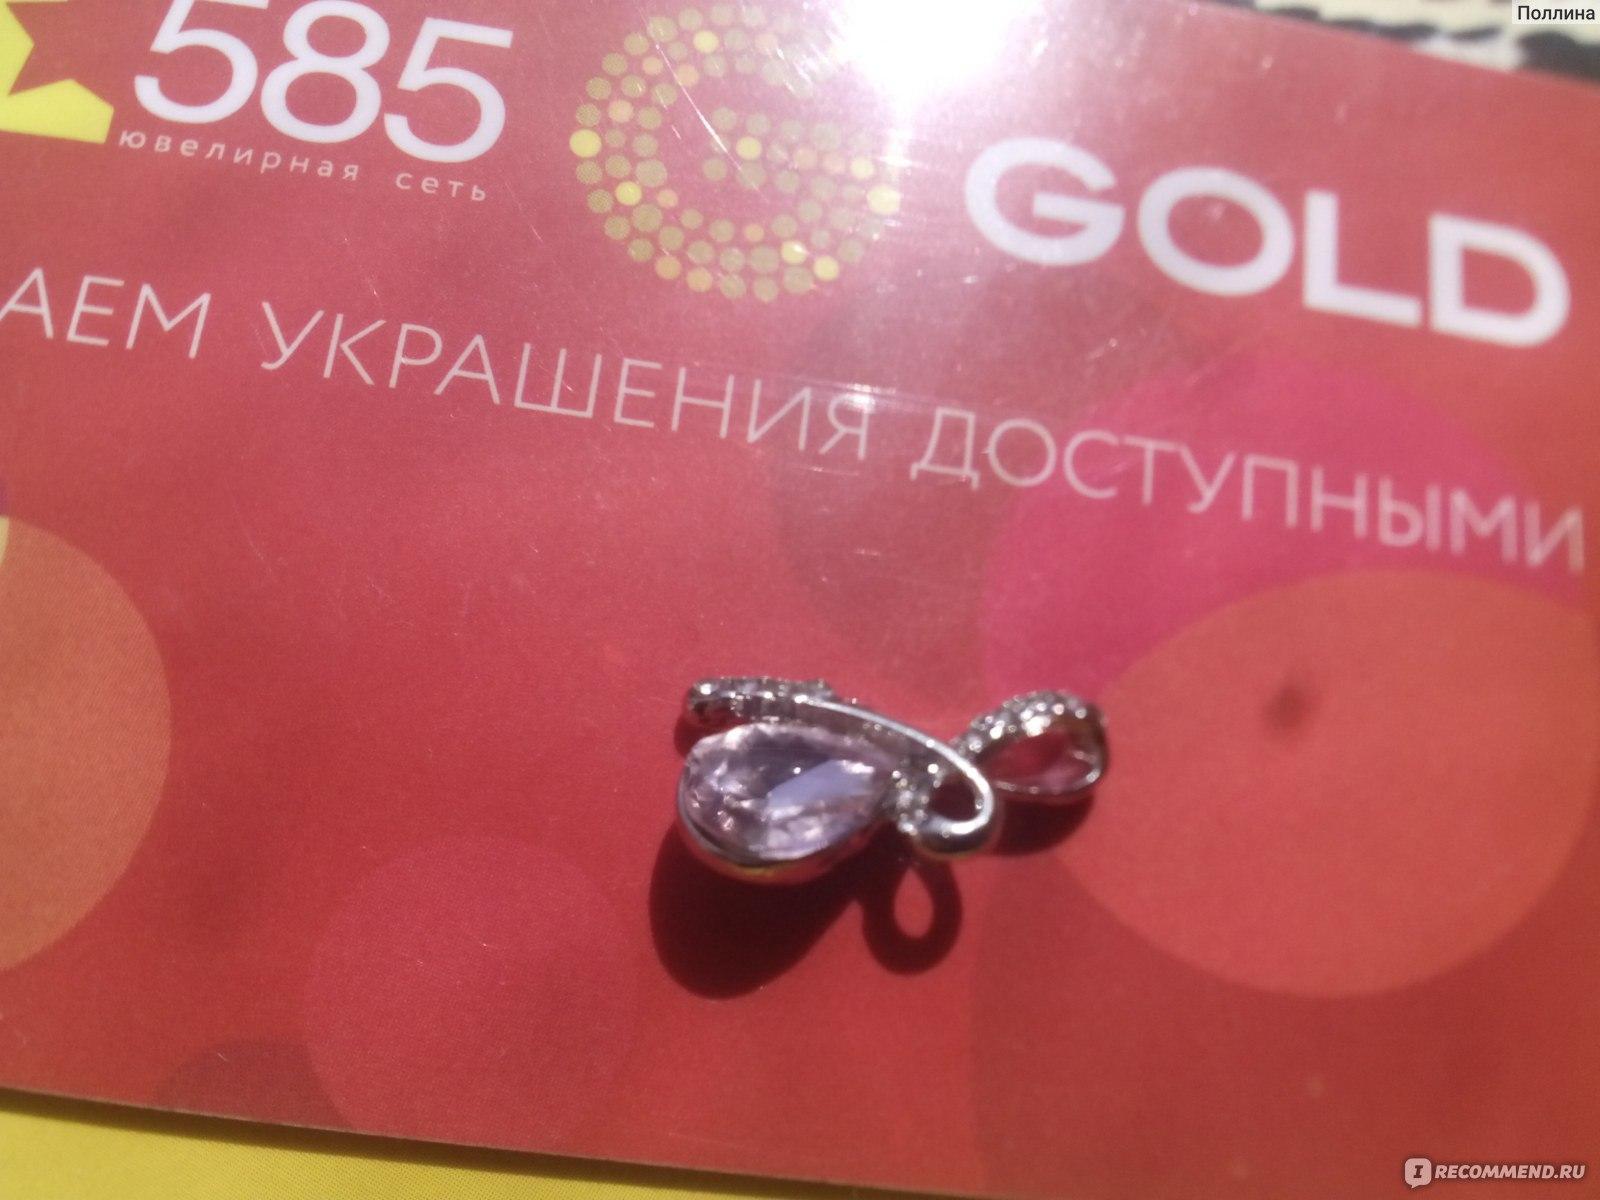 Акции и скидки в ювелирных салонах Ювелирный магазин 585 Gold